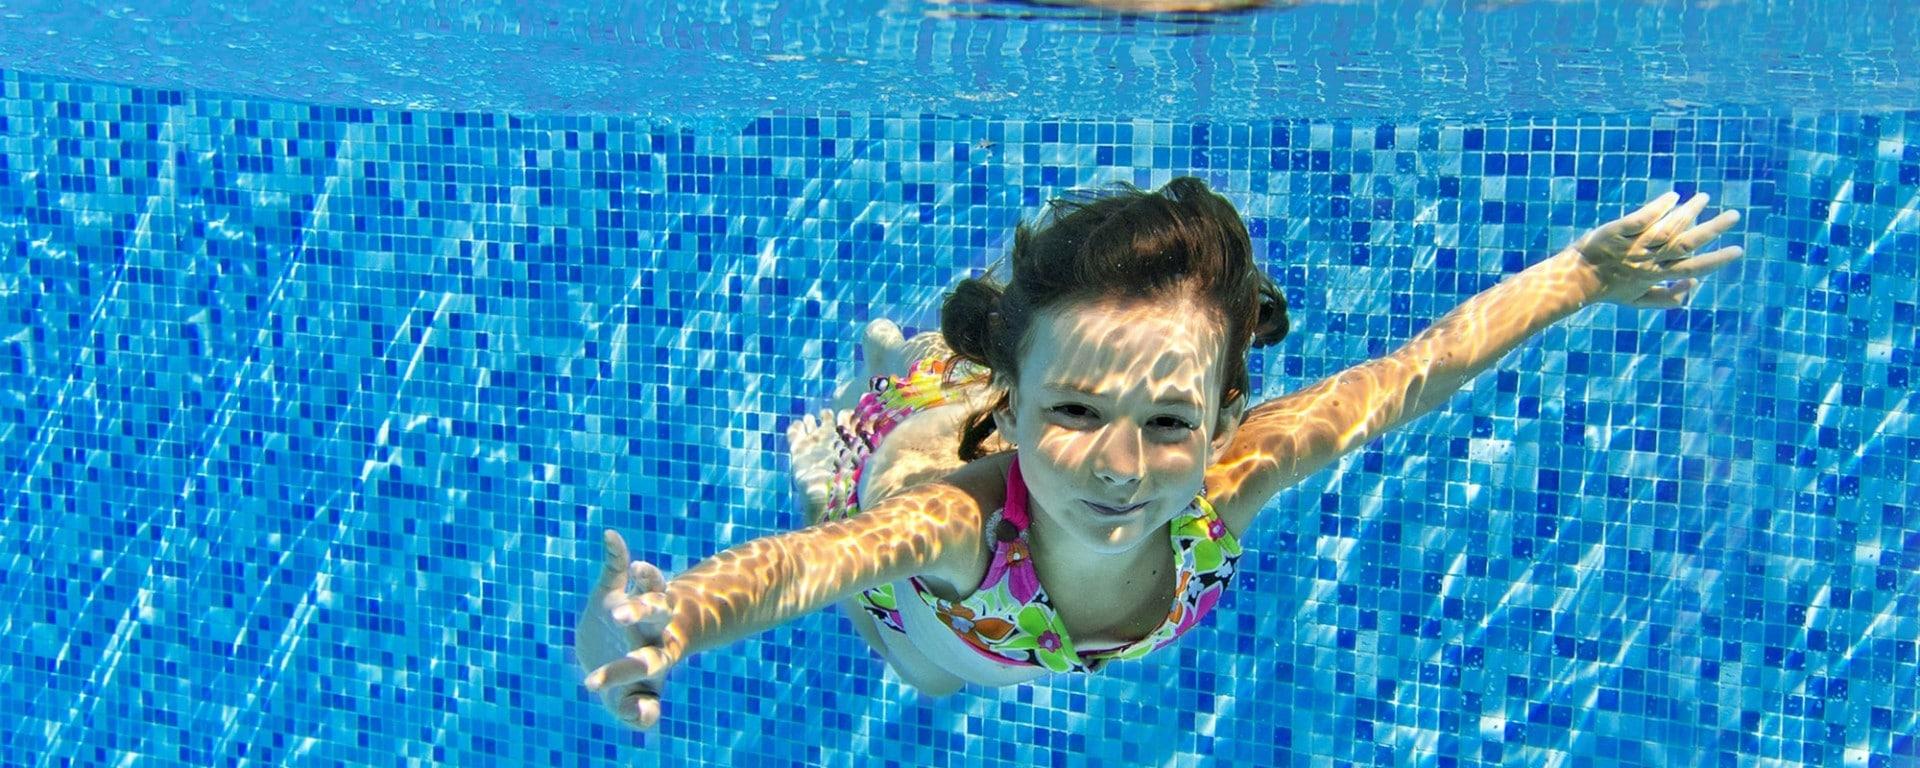 בריכות שחיה ומערכות מים